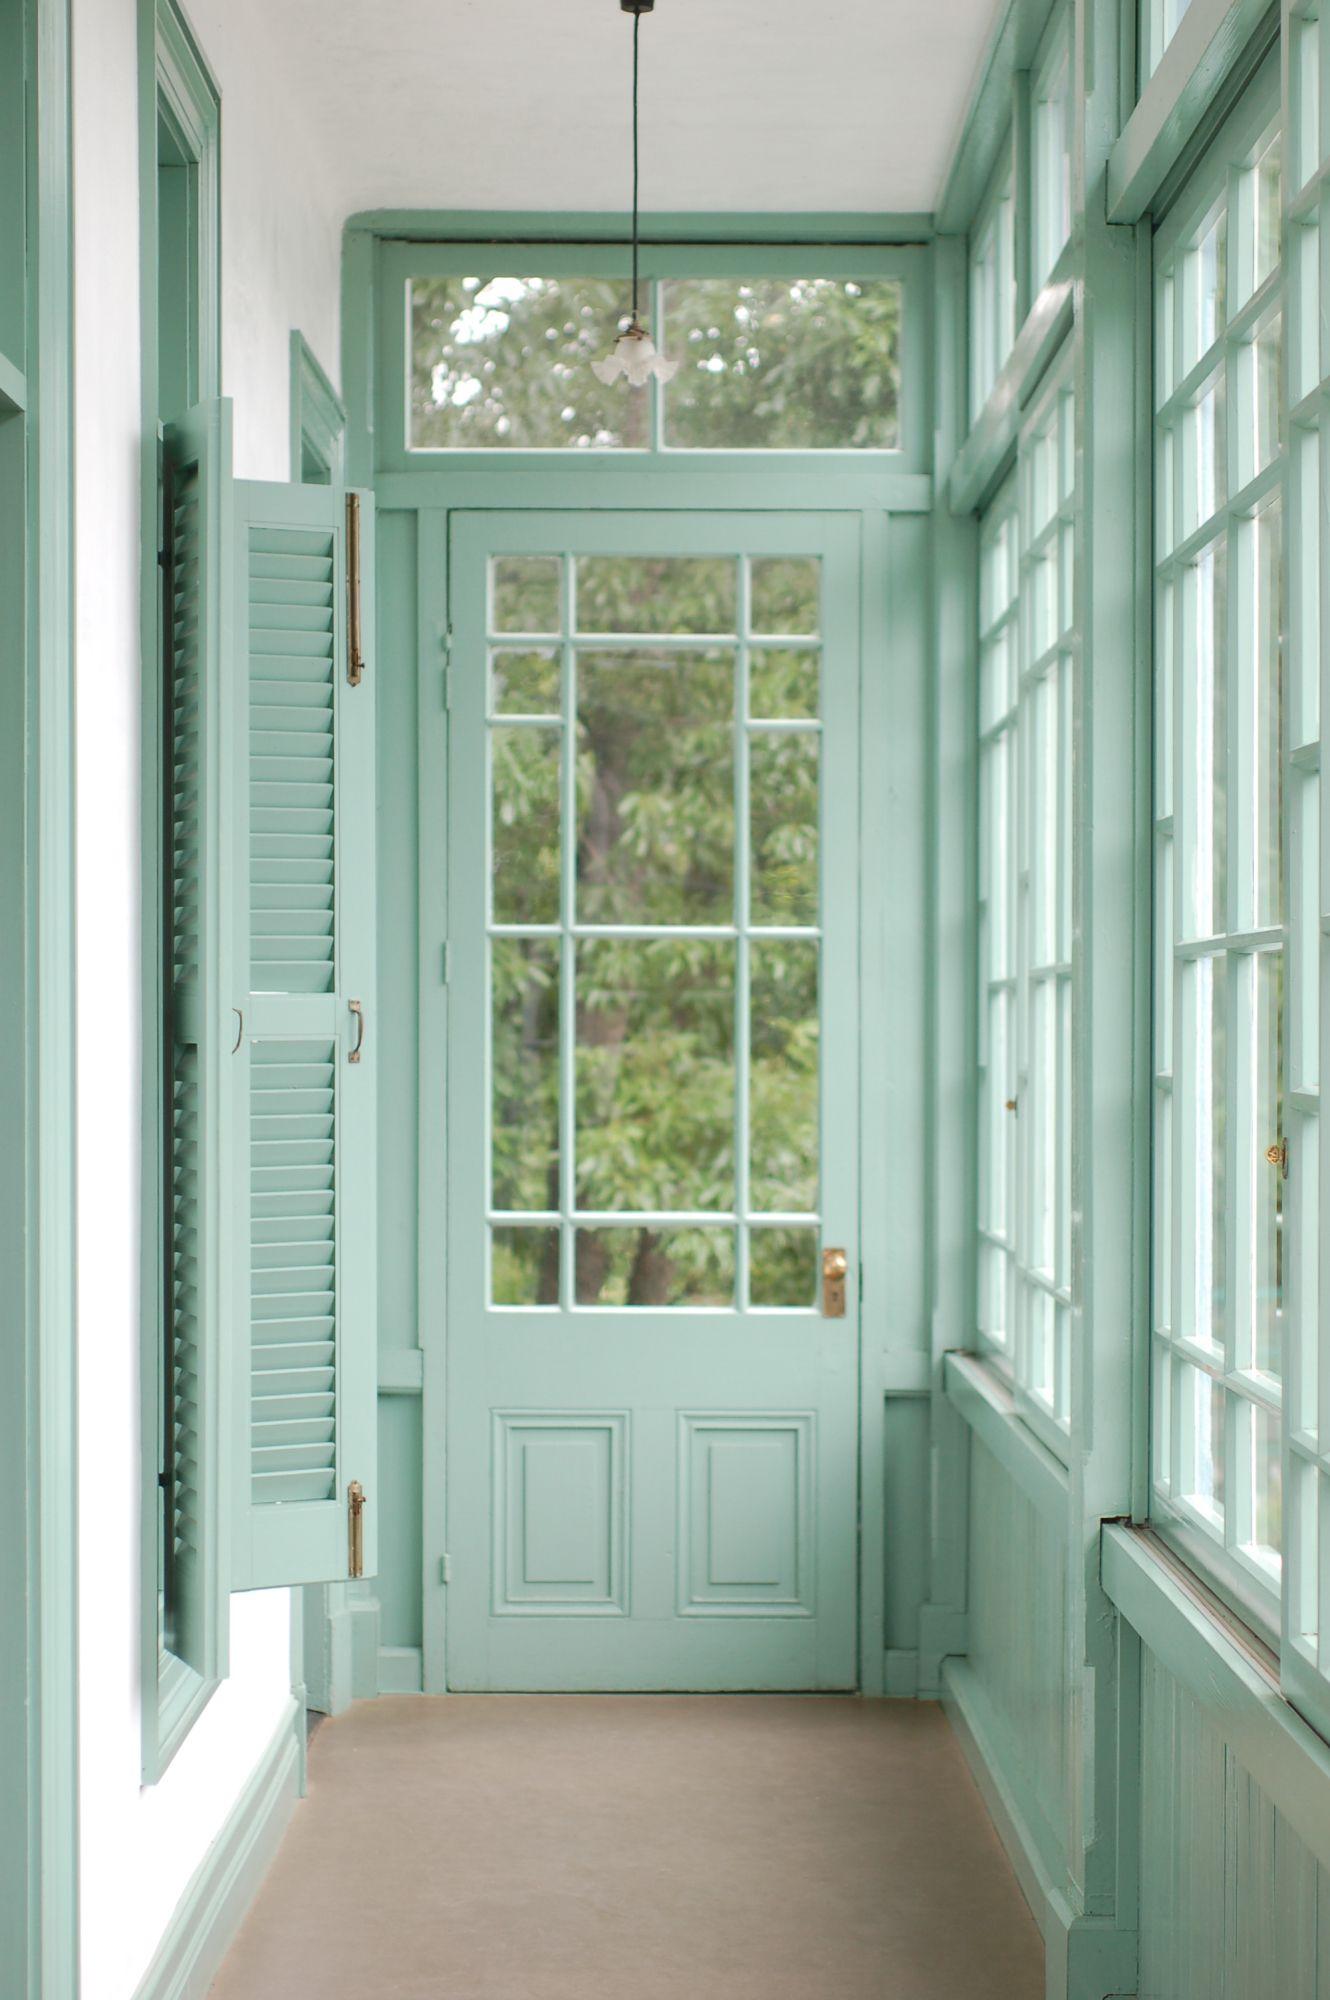 bc1c8c6d78c3286b674d0a3c33906c77 - Ide Warna Cat Jendela yang Bagus untuk Dekorasi Rumah Elegan